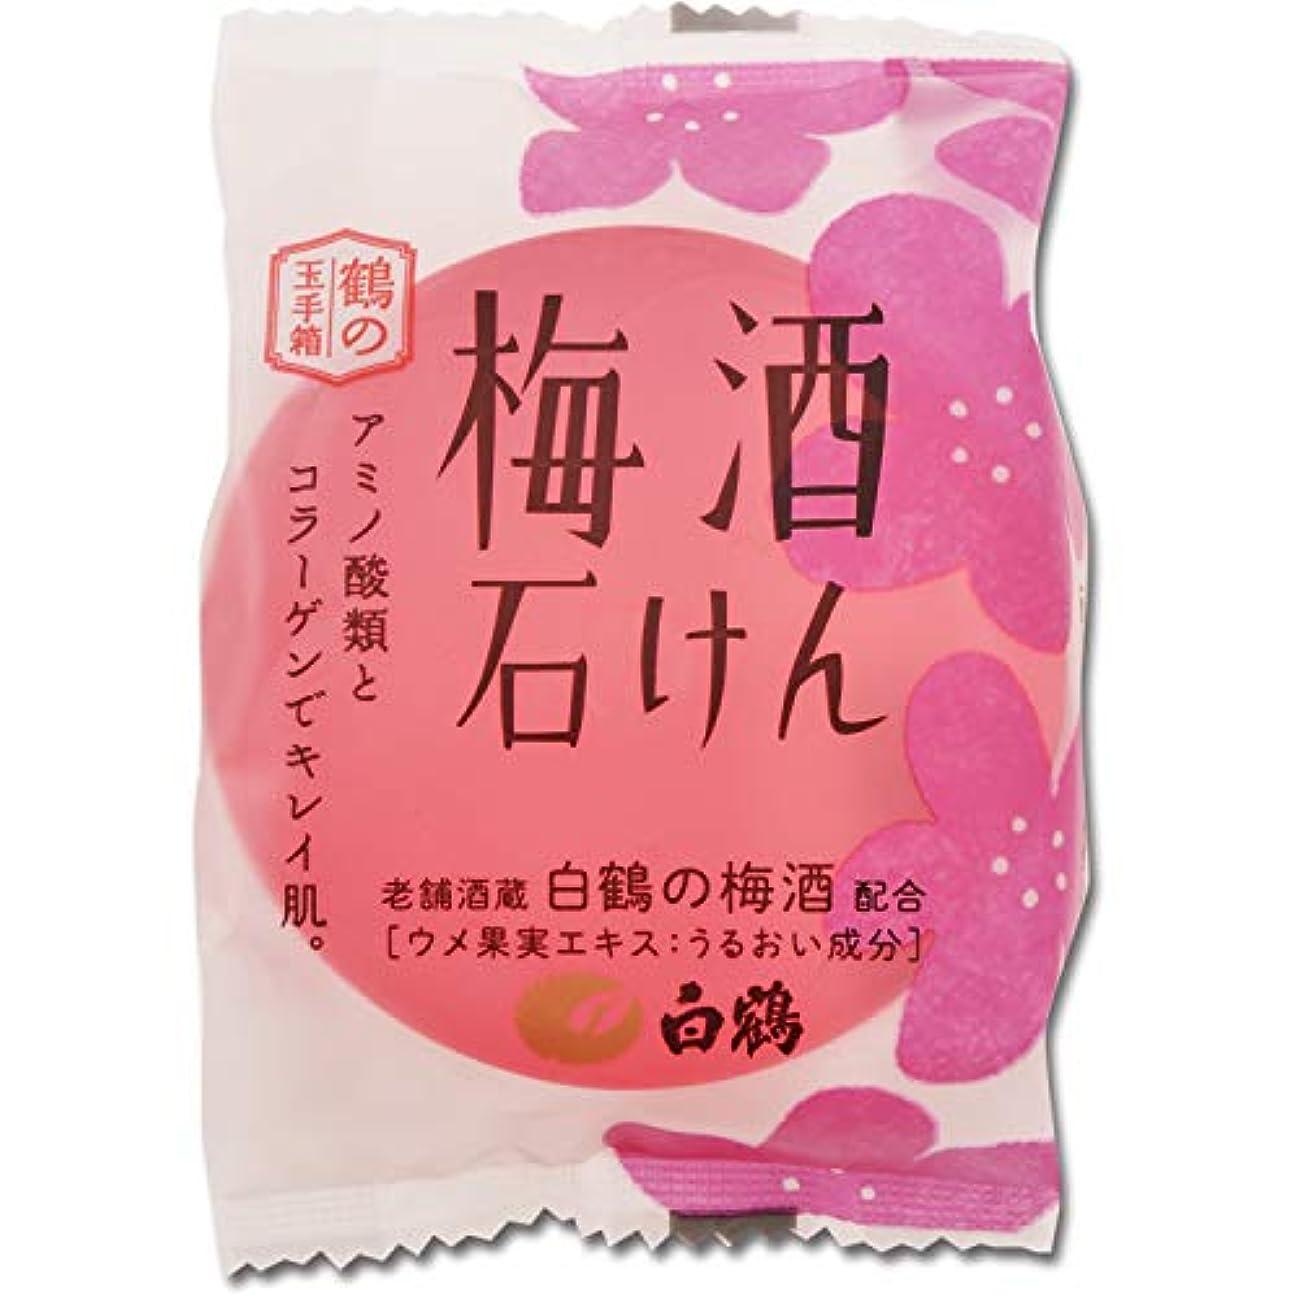 失う栄養申込み白鶴 鶴の玉手箱 梅酒石けんM  100g